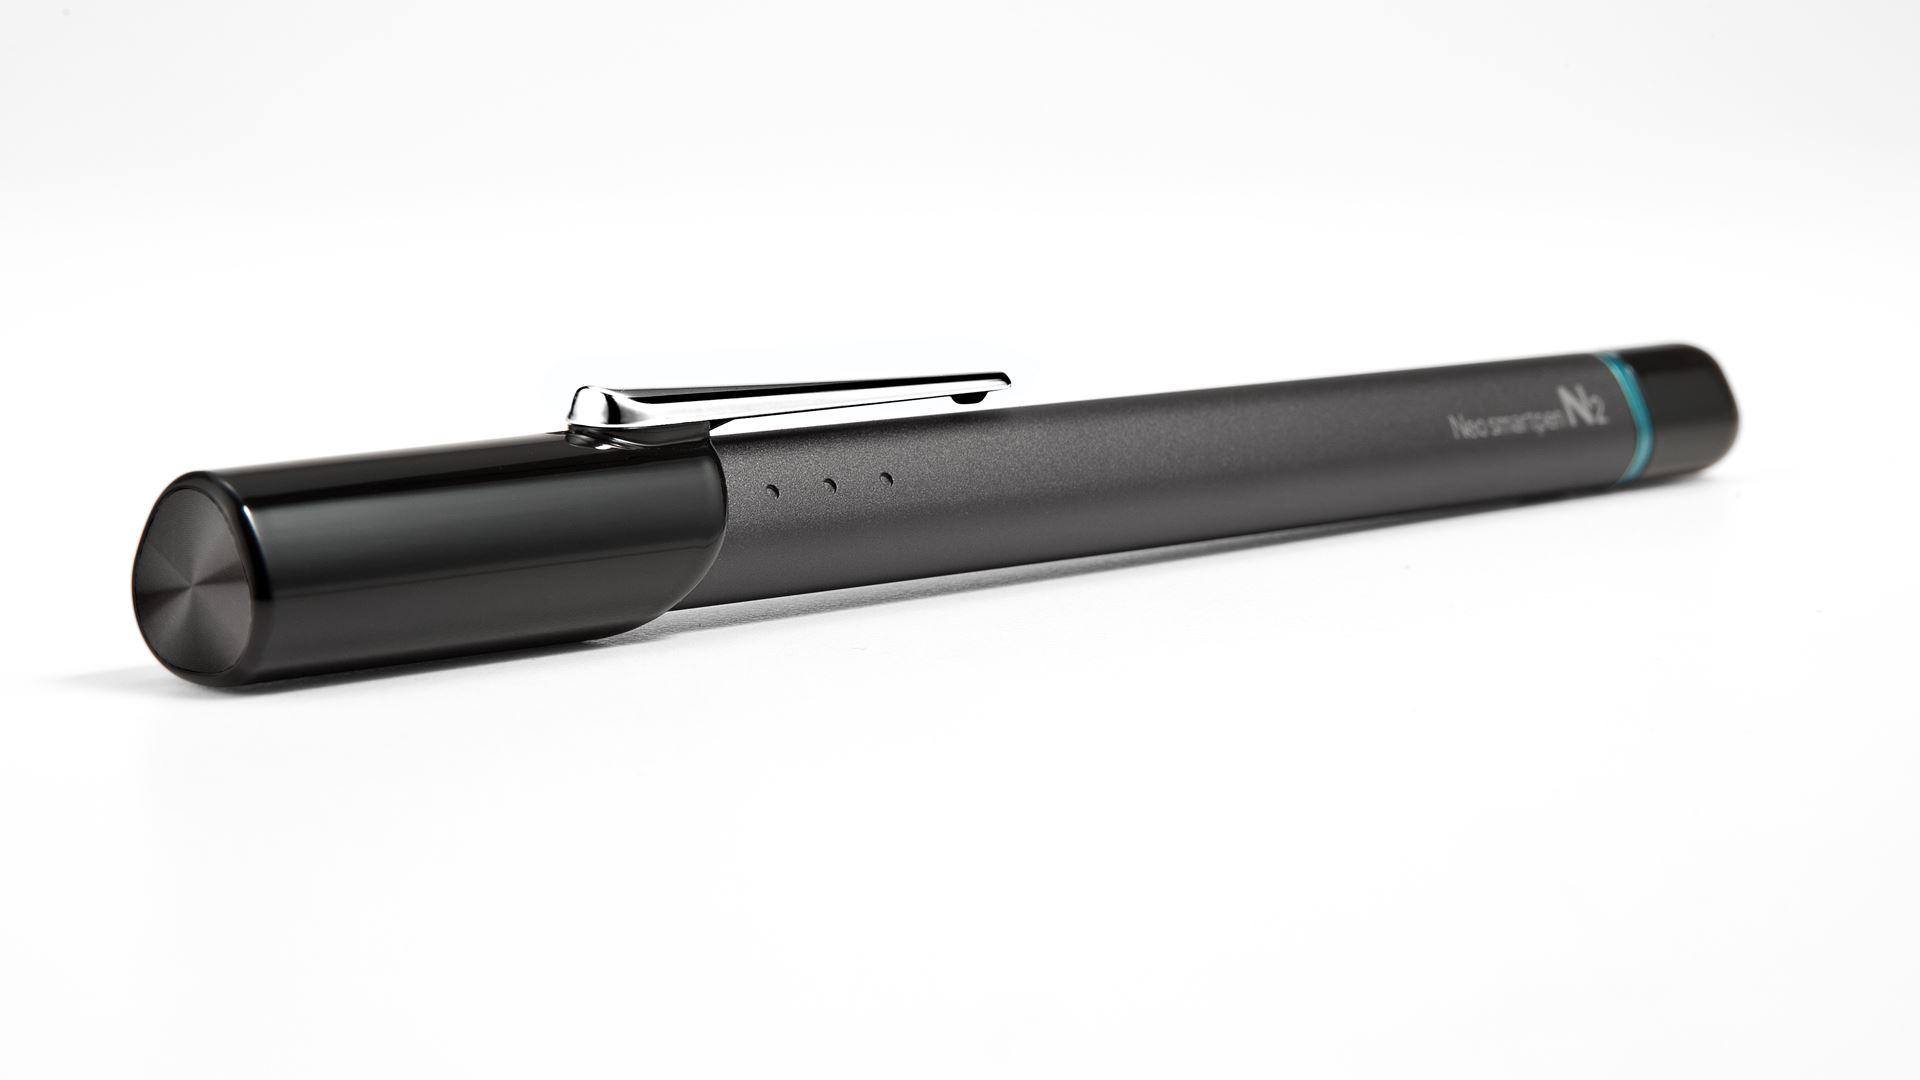 На иллюстрации изображена умная ручка Neo Smart Pen 2